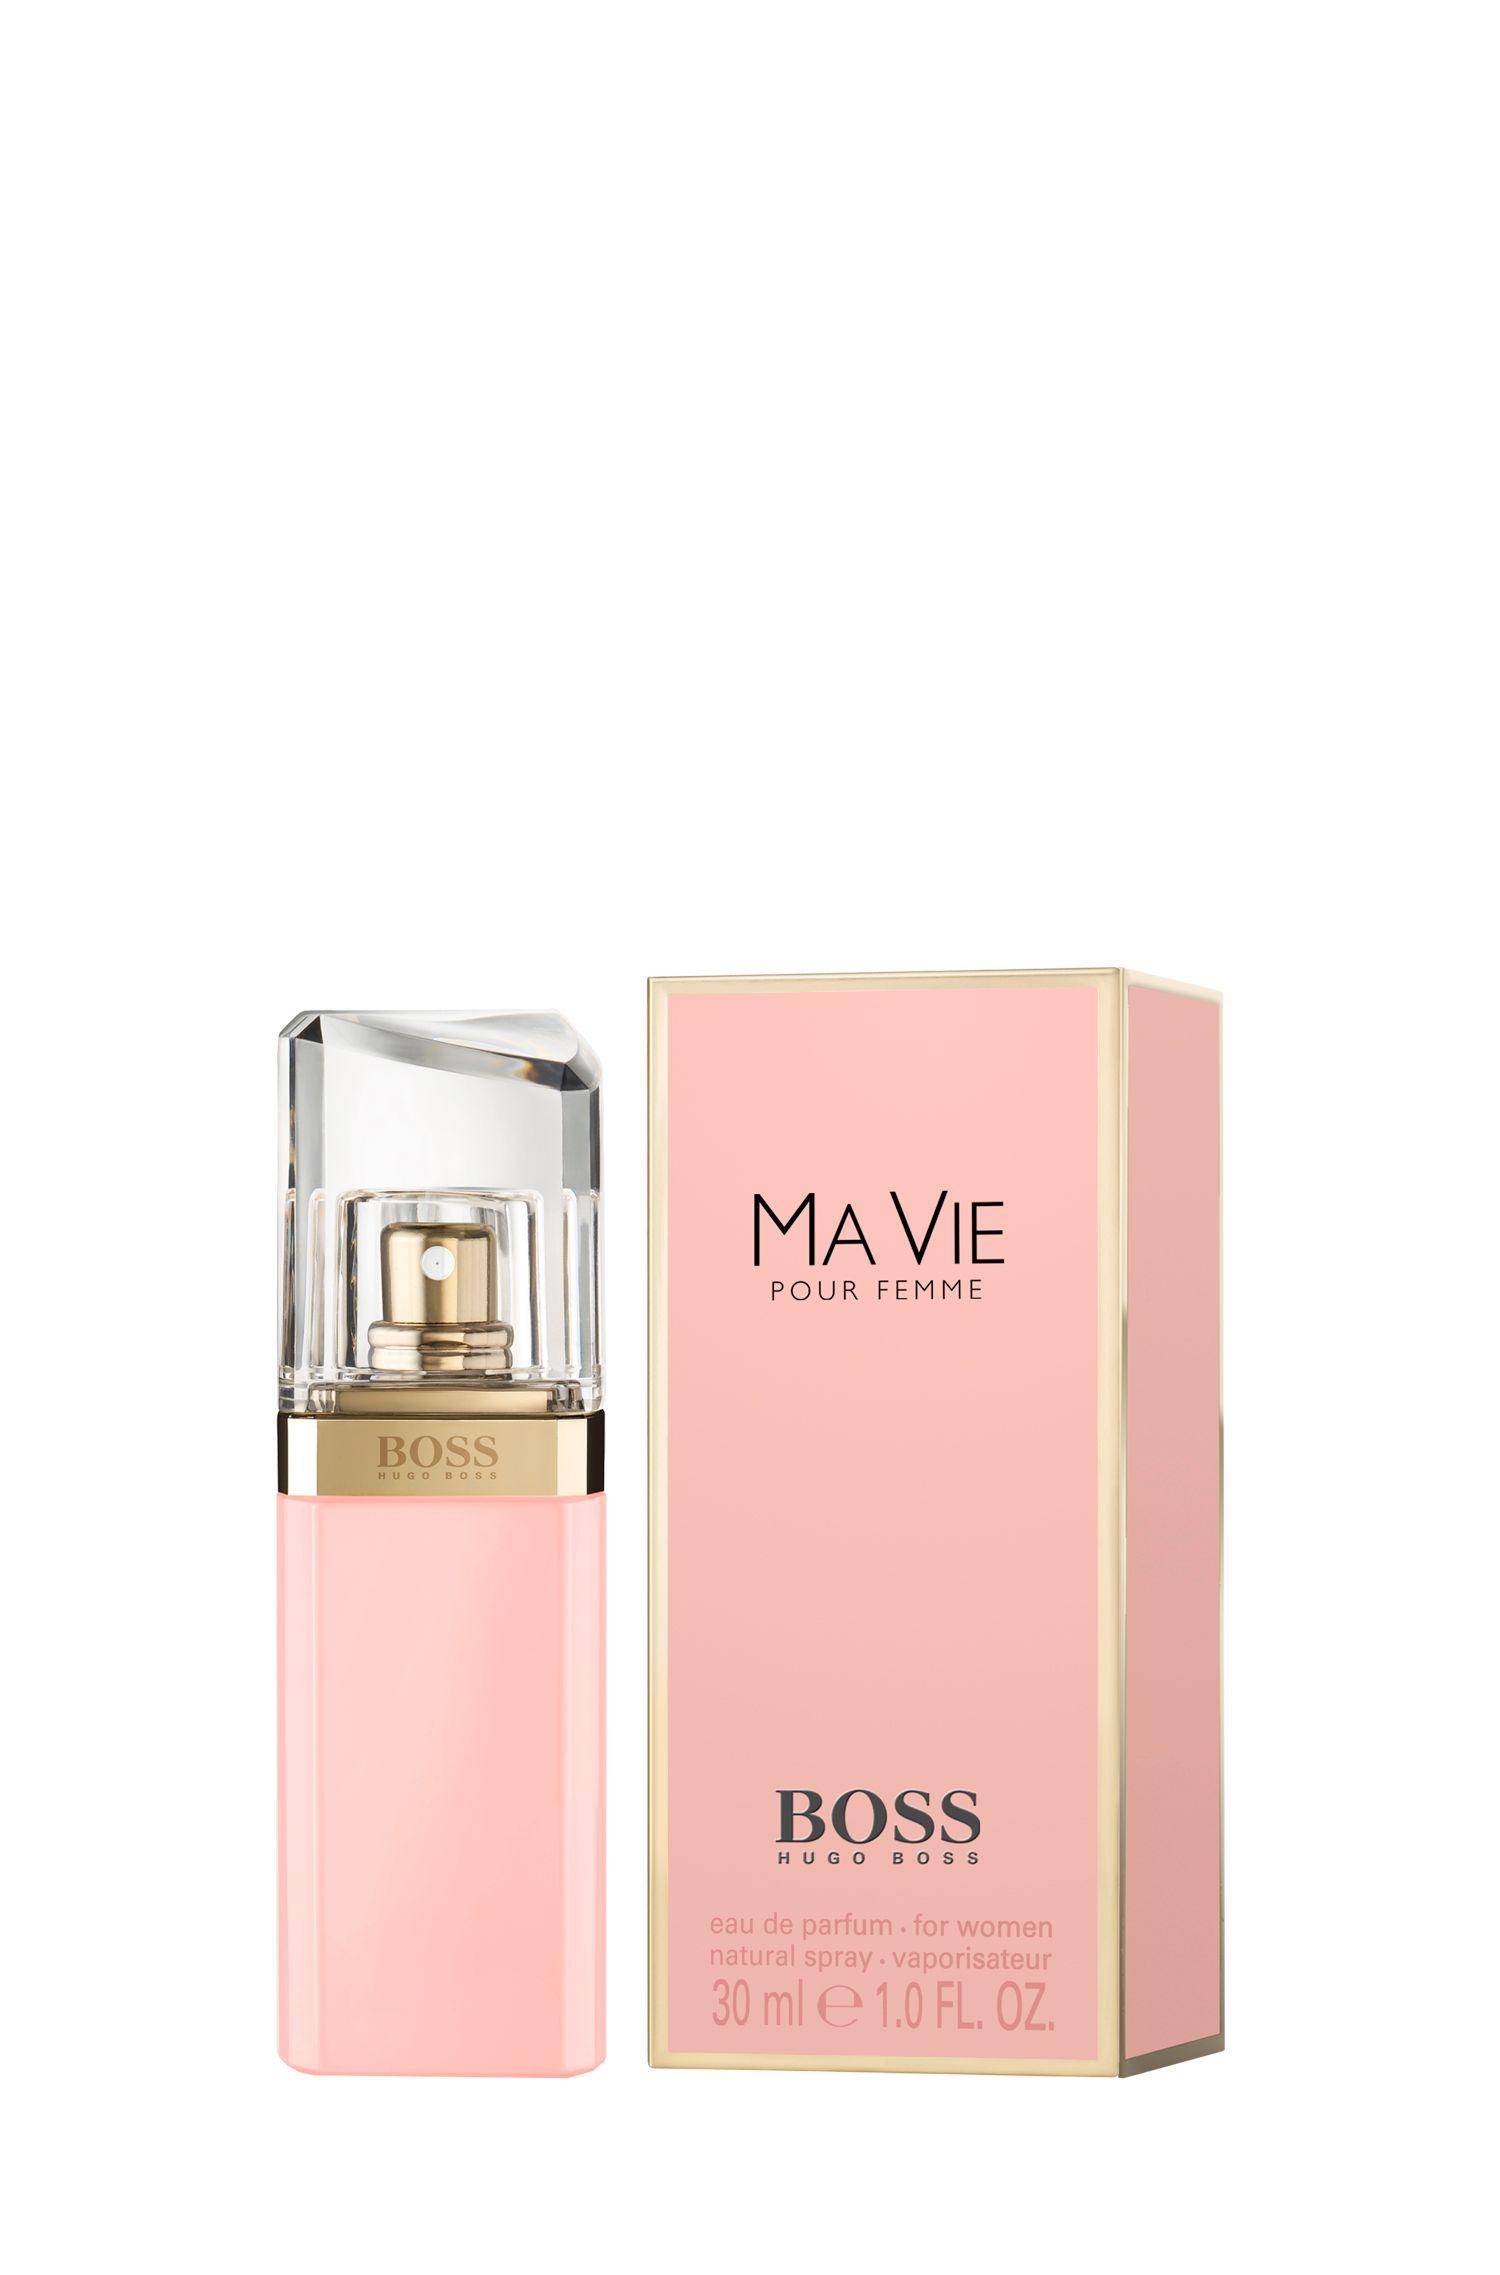 Eau de Parfum BOSS Ma Vie pour femme, 30ml